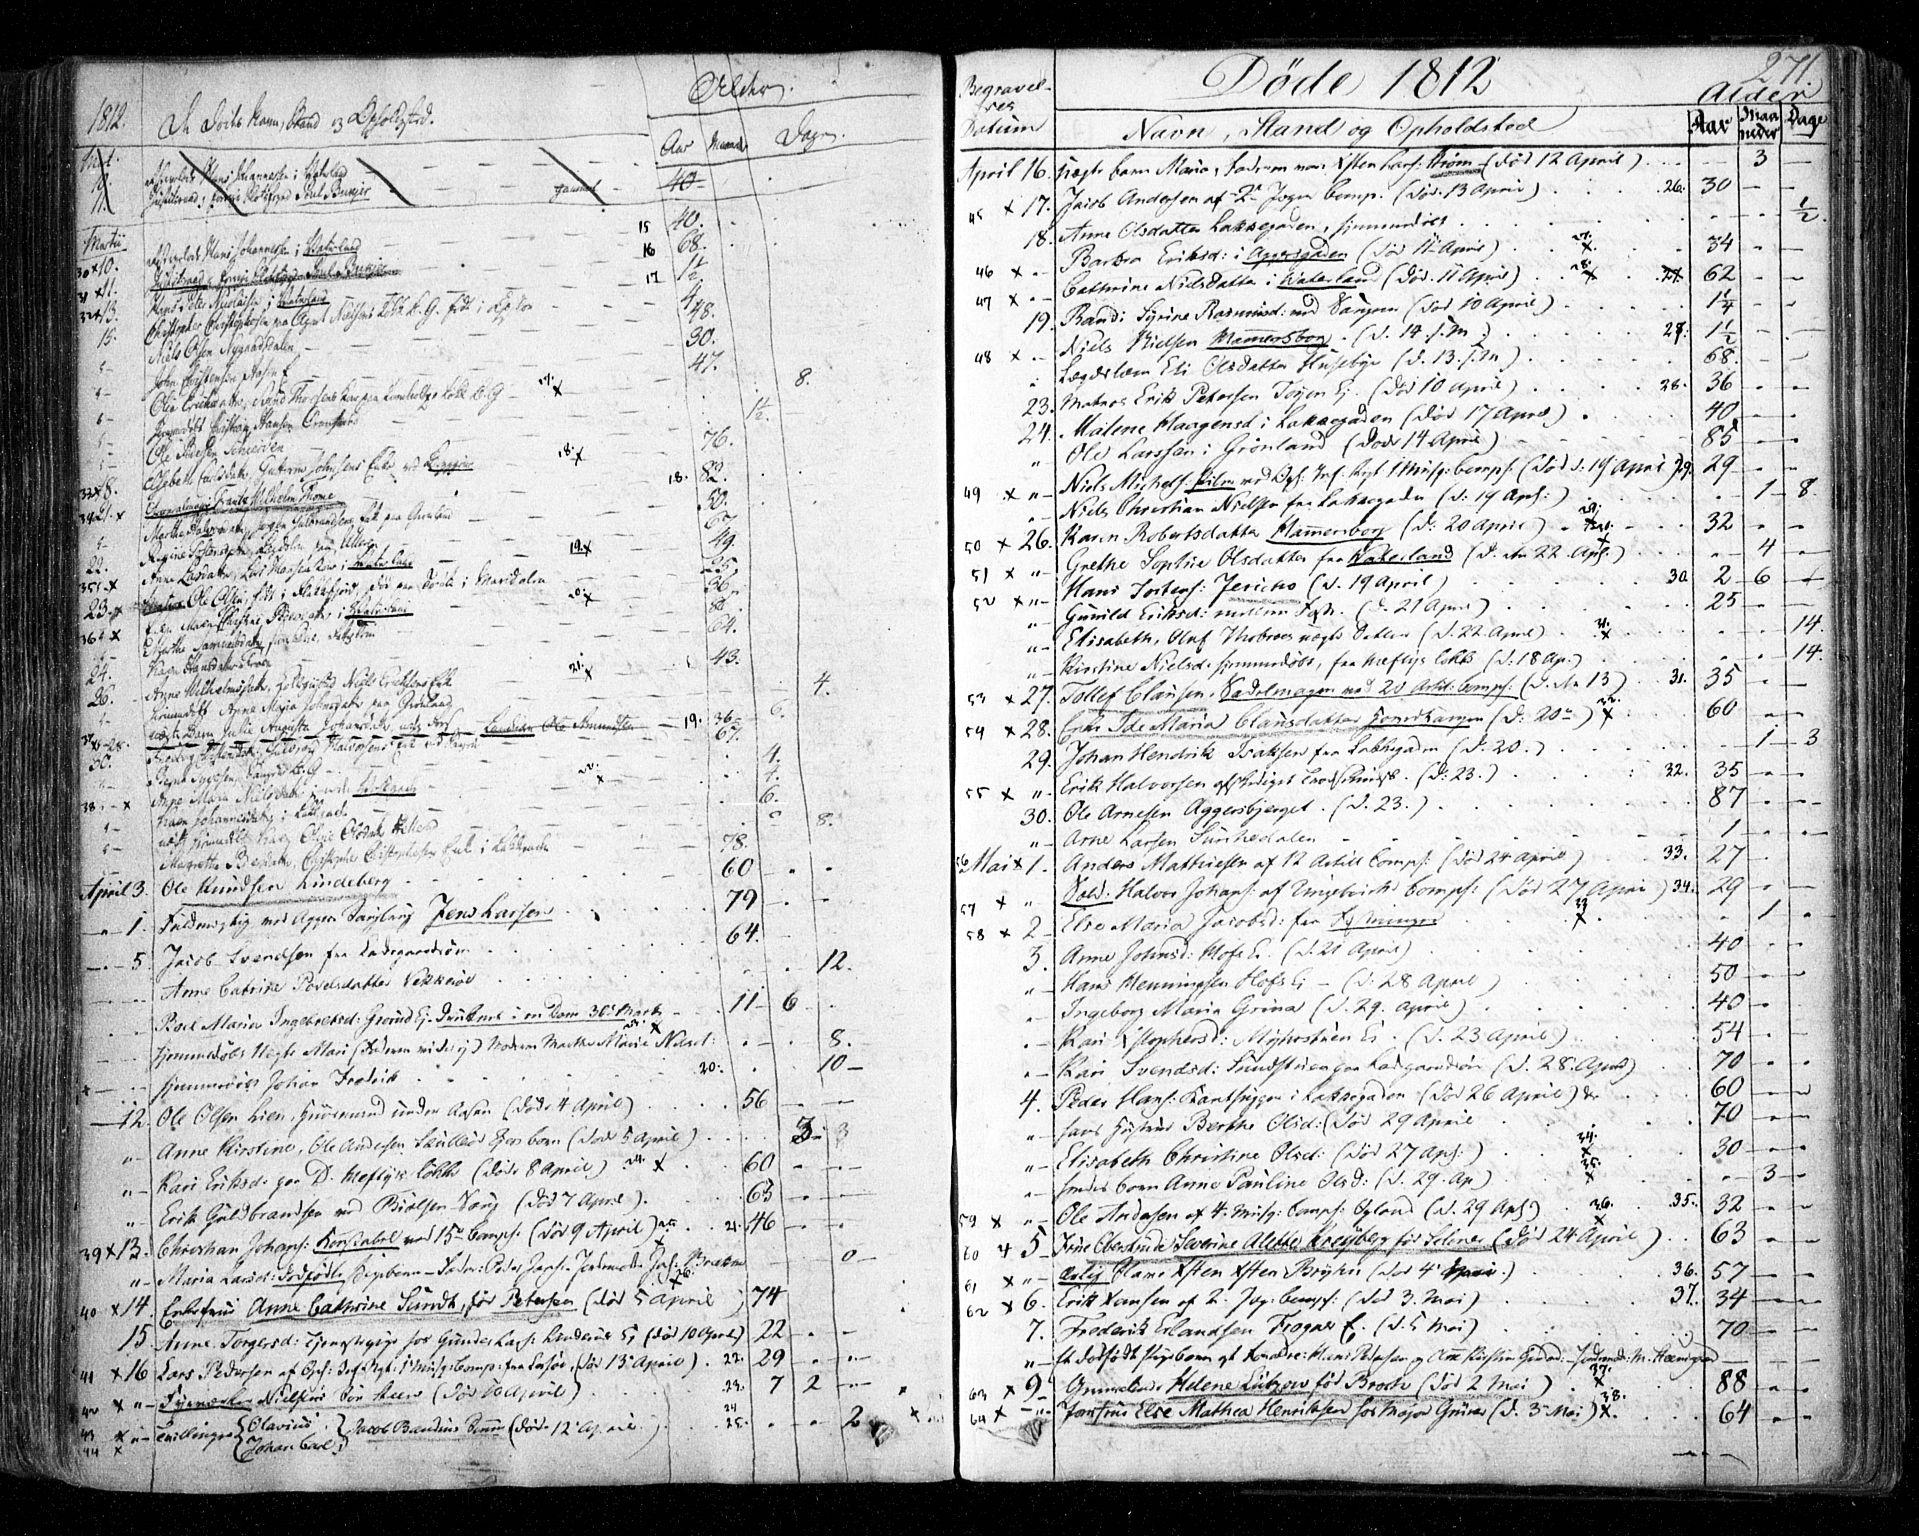 SAO, Aker prestekontor kirkebøker, F/L0011: Ministerialbok nr. 11, 1810-1819, s. 271